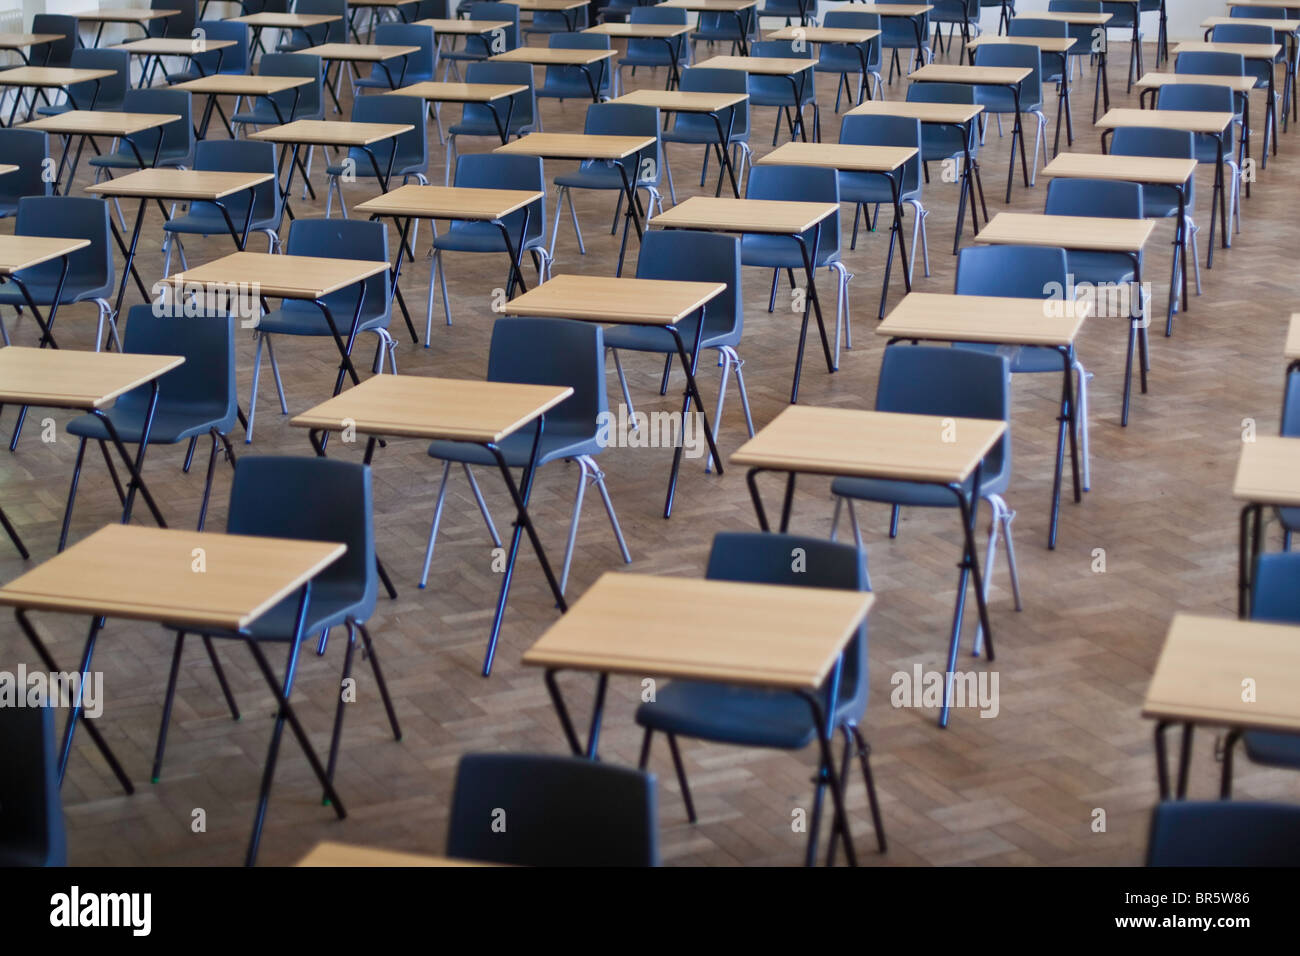 Scrivanie e sedie stabiliti per gli esami in una scuola hall nel Regno Unito. Foto Stock